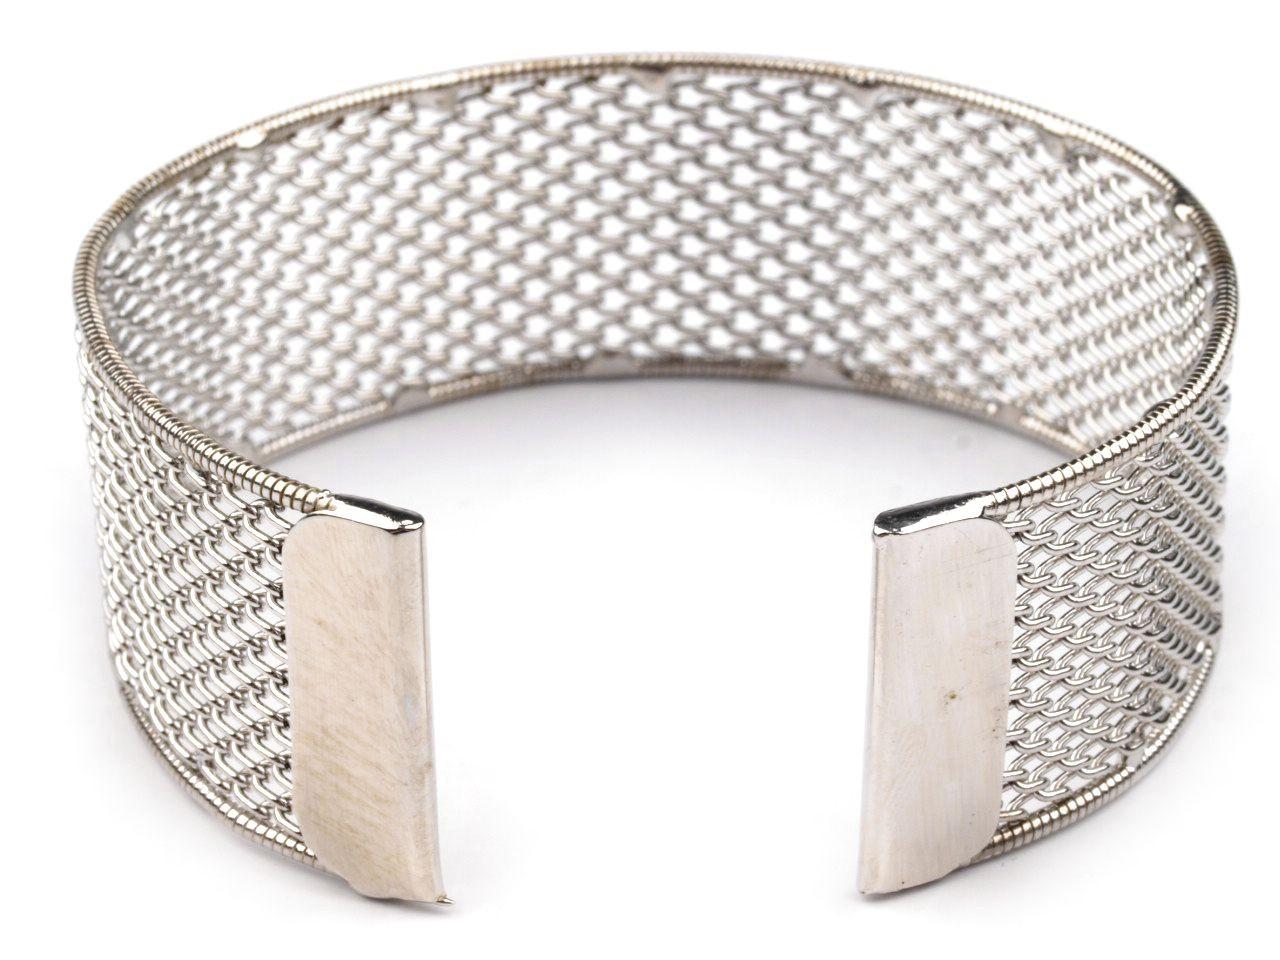 Armreif Netz-Rohling für Perlen - Schmuck, Polymer Clay, Resin und ...